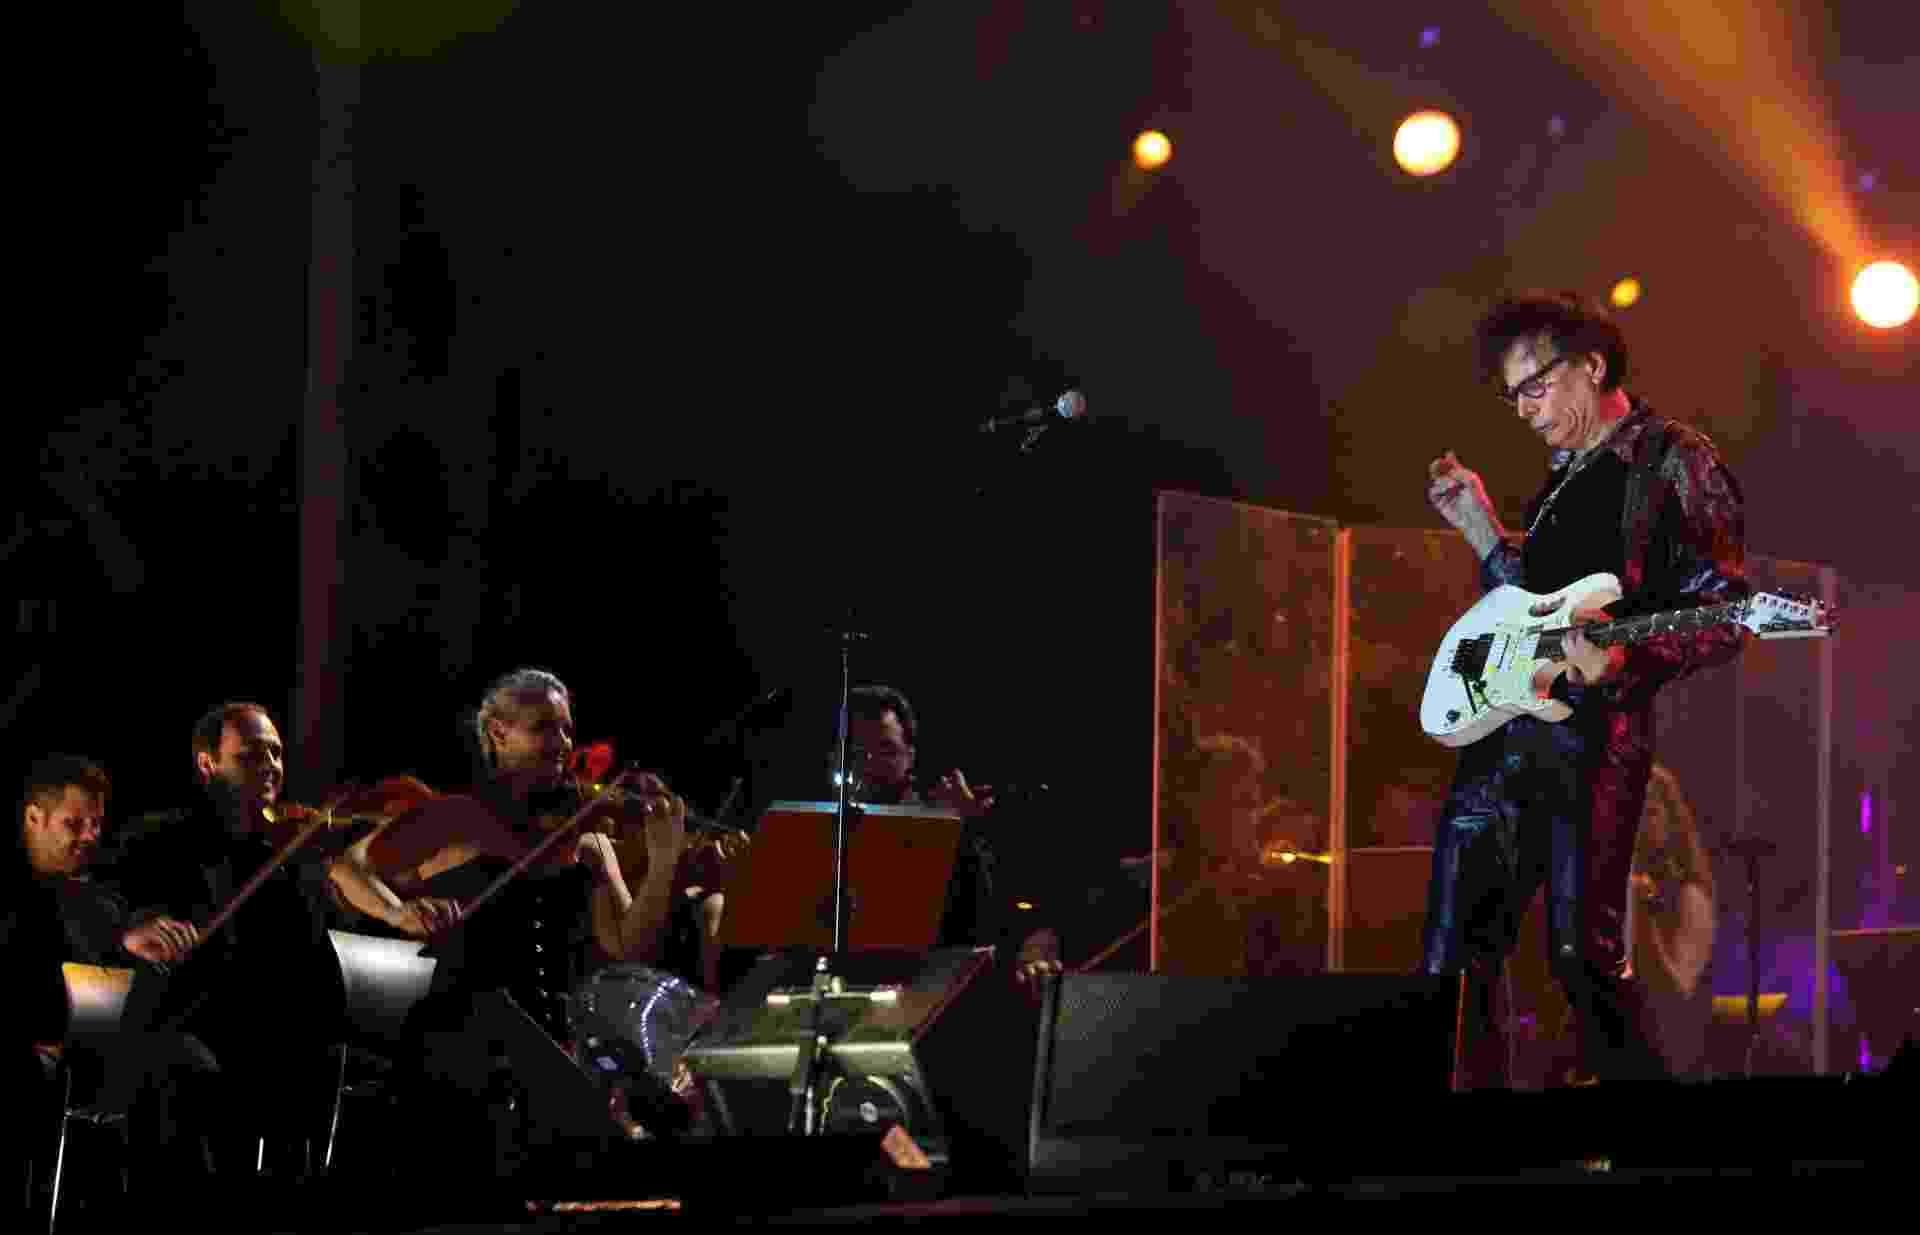 25.set.2015 - O guitarrista Steve Vai se apresenta com a Camerata Florianópolis, fechando o palco Sunset, durante o quinto dia do festival Rock in Rio 2015. - Fábio Motta/Estadão Conteúdo